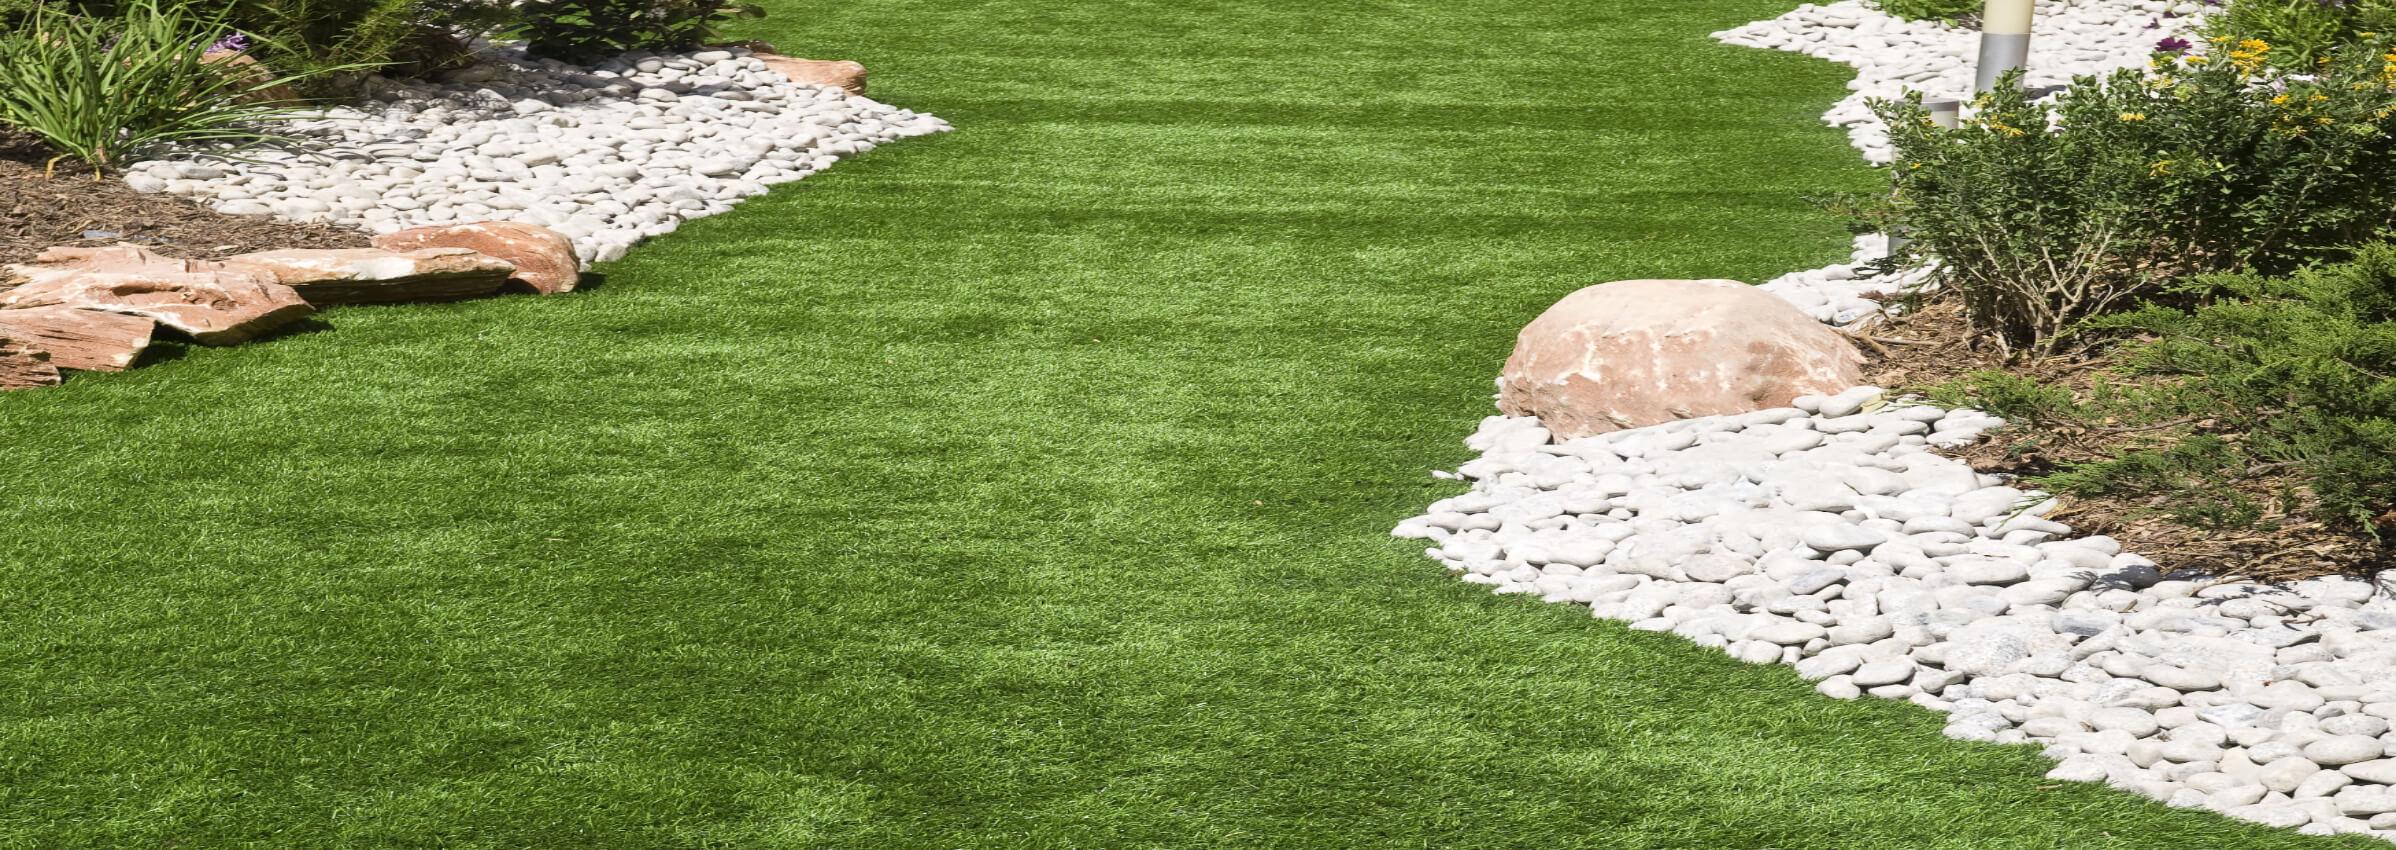 Artificial Grass Landscape Tucson AZ